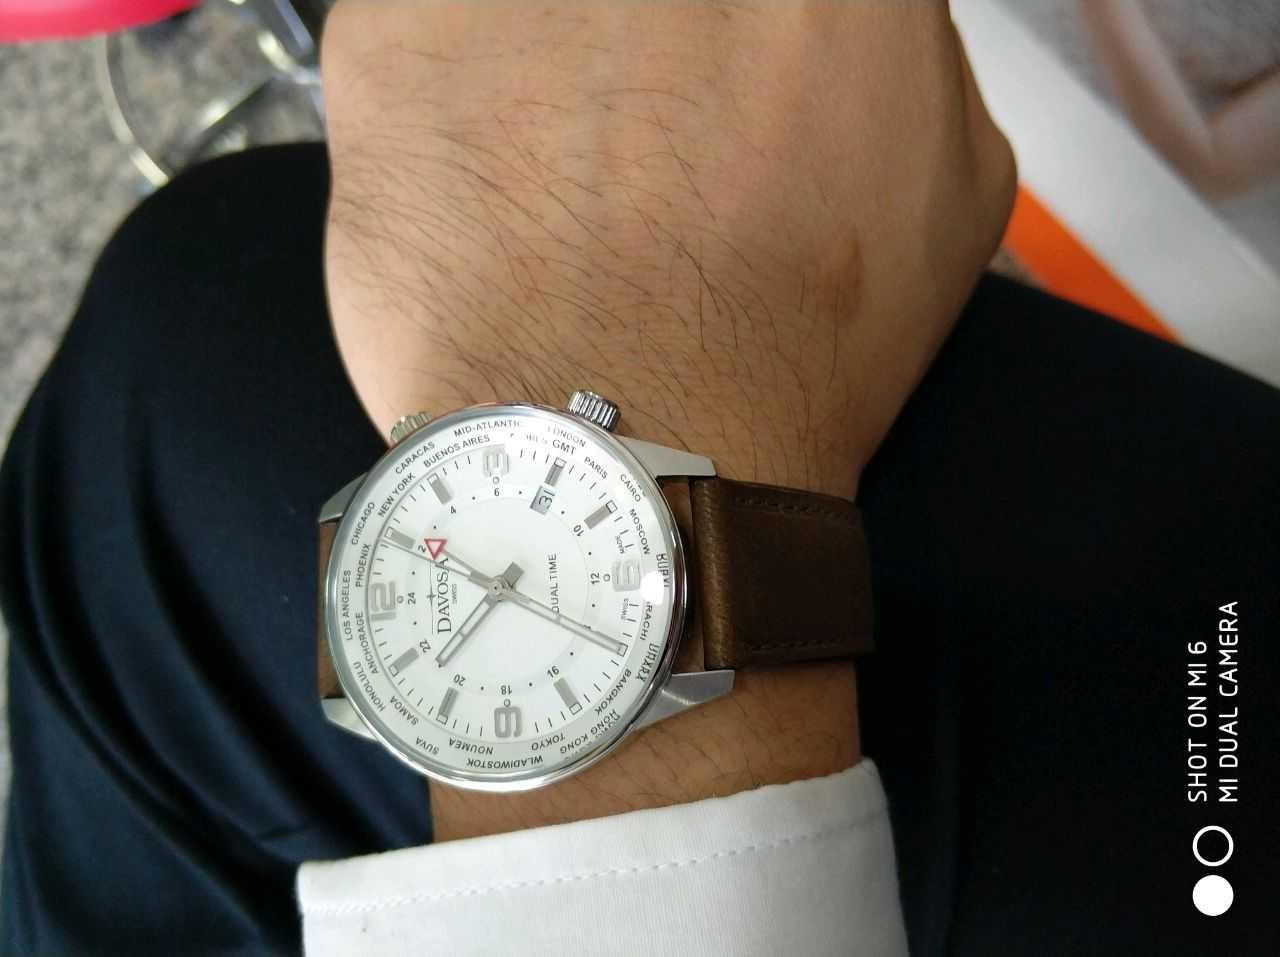 迪沃斯16249215手表【表友晒单作业】很喜欢,不...